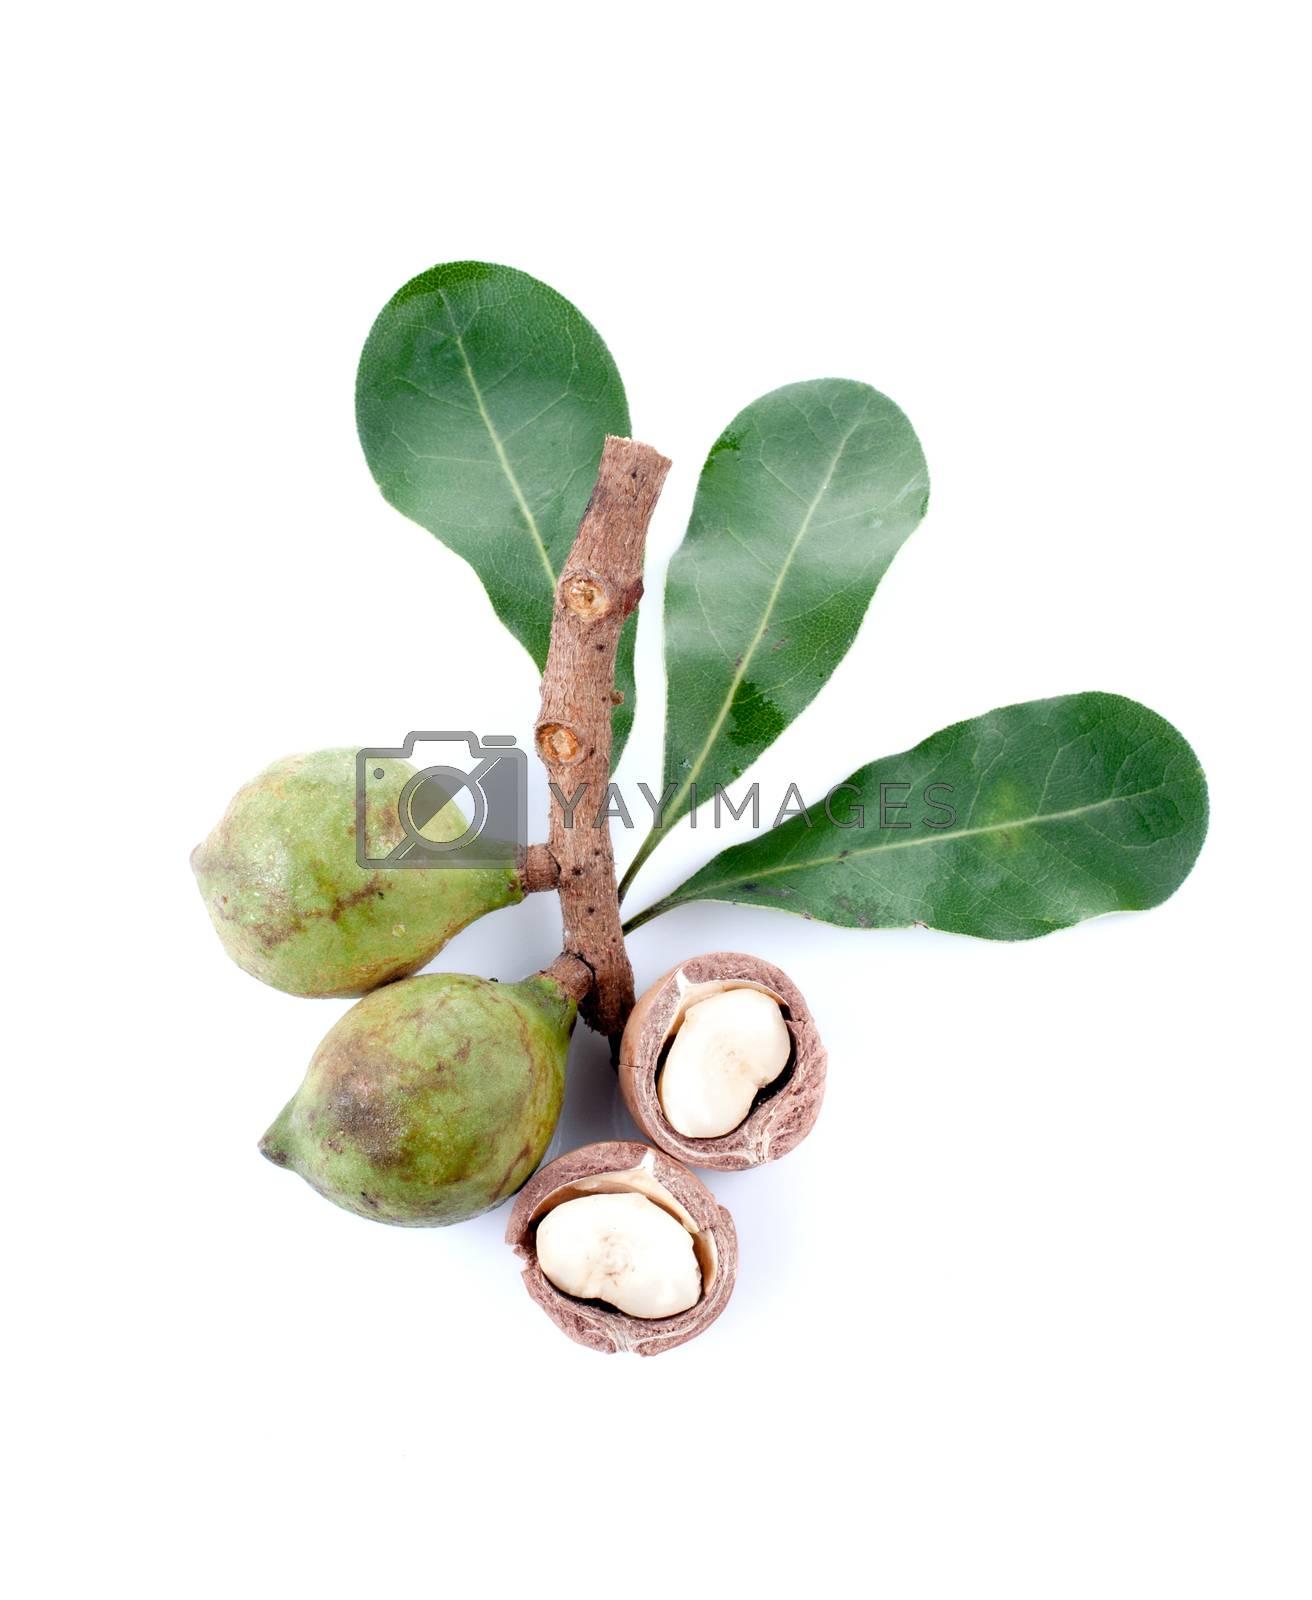 Macadamia nut isolated on white background.